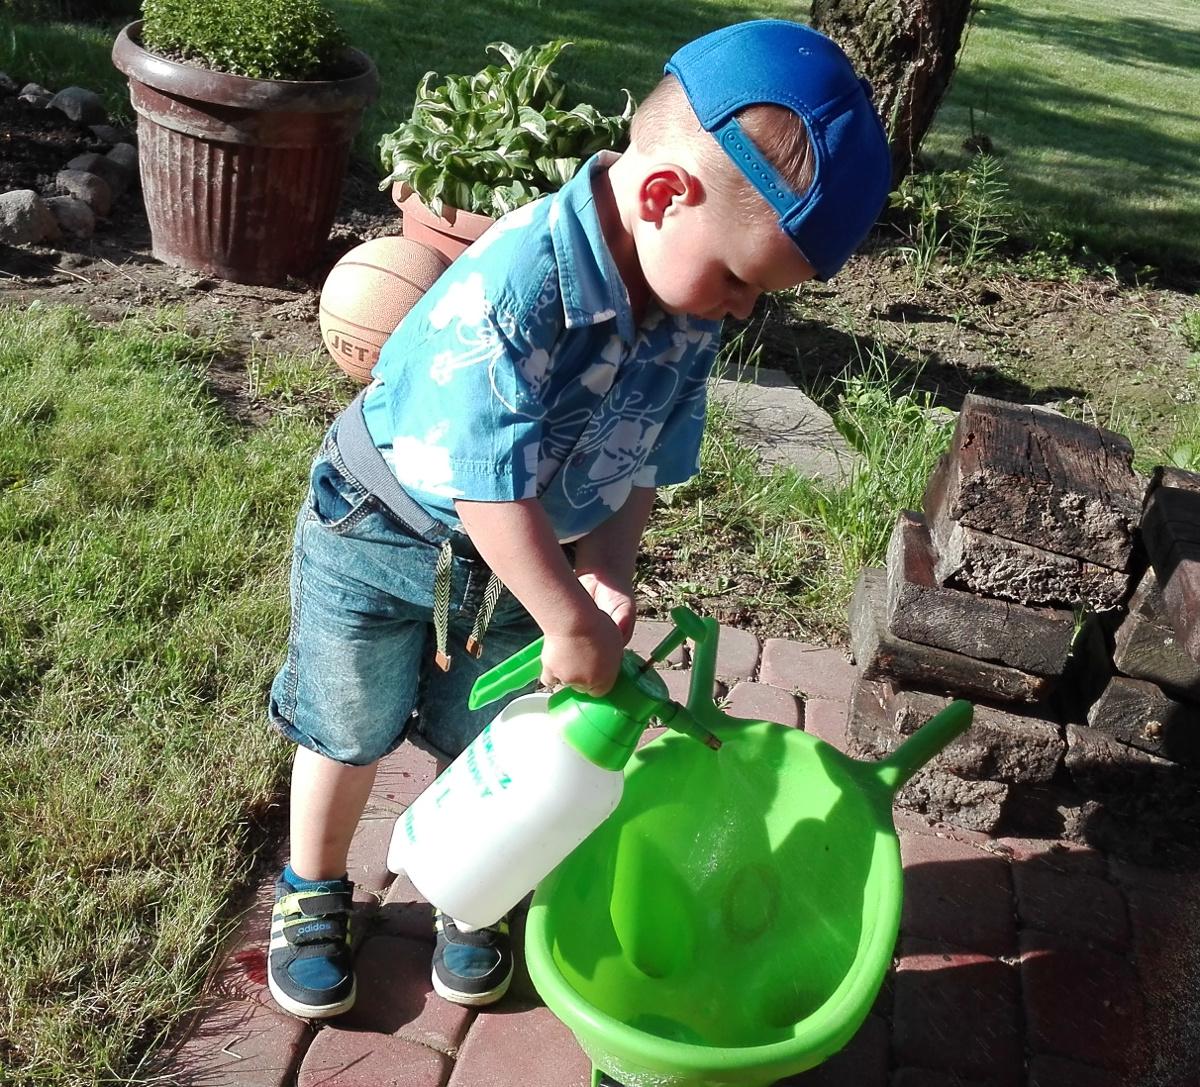 podlewanie ogród przez dziecko